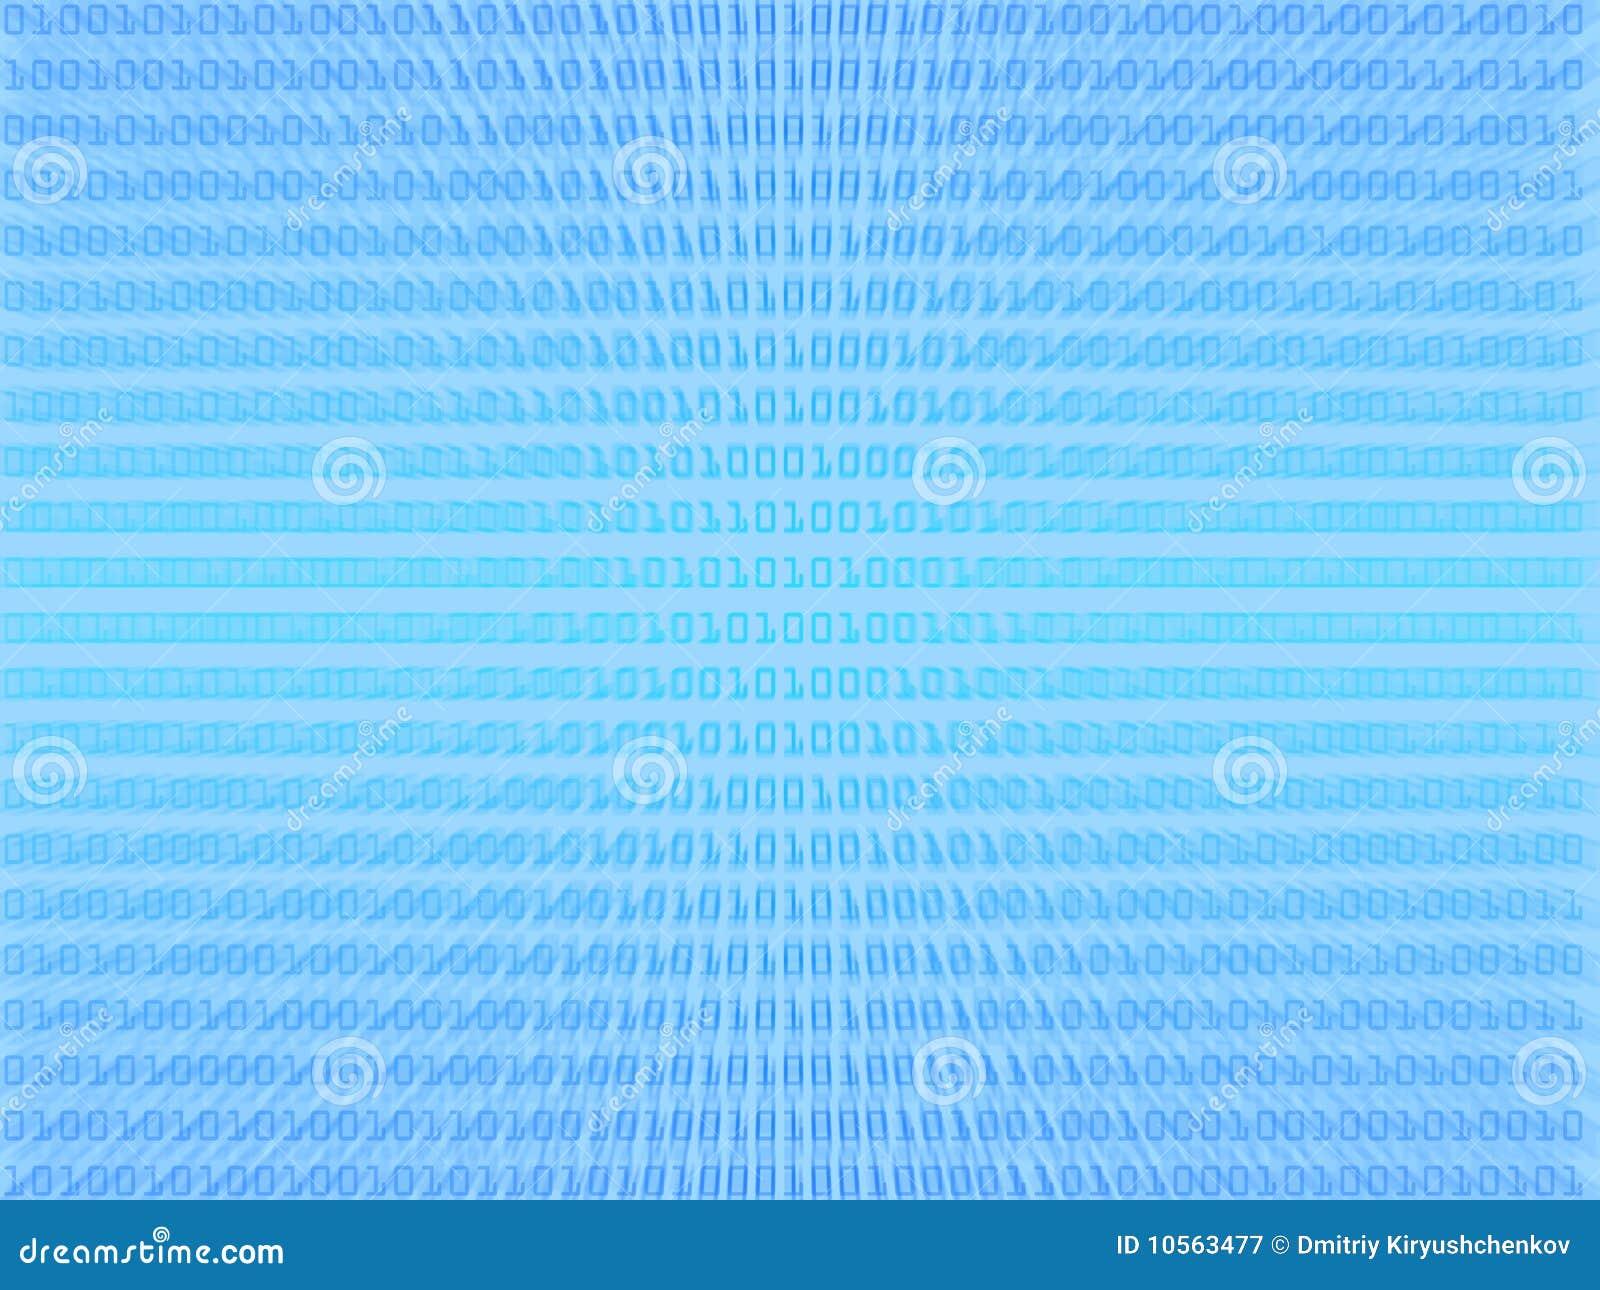 二进制1011010缩小2倍怎么算?